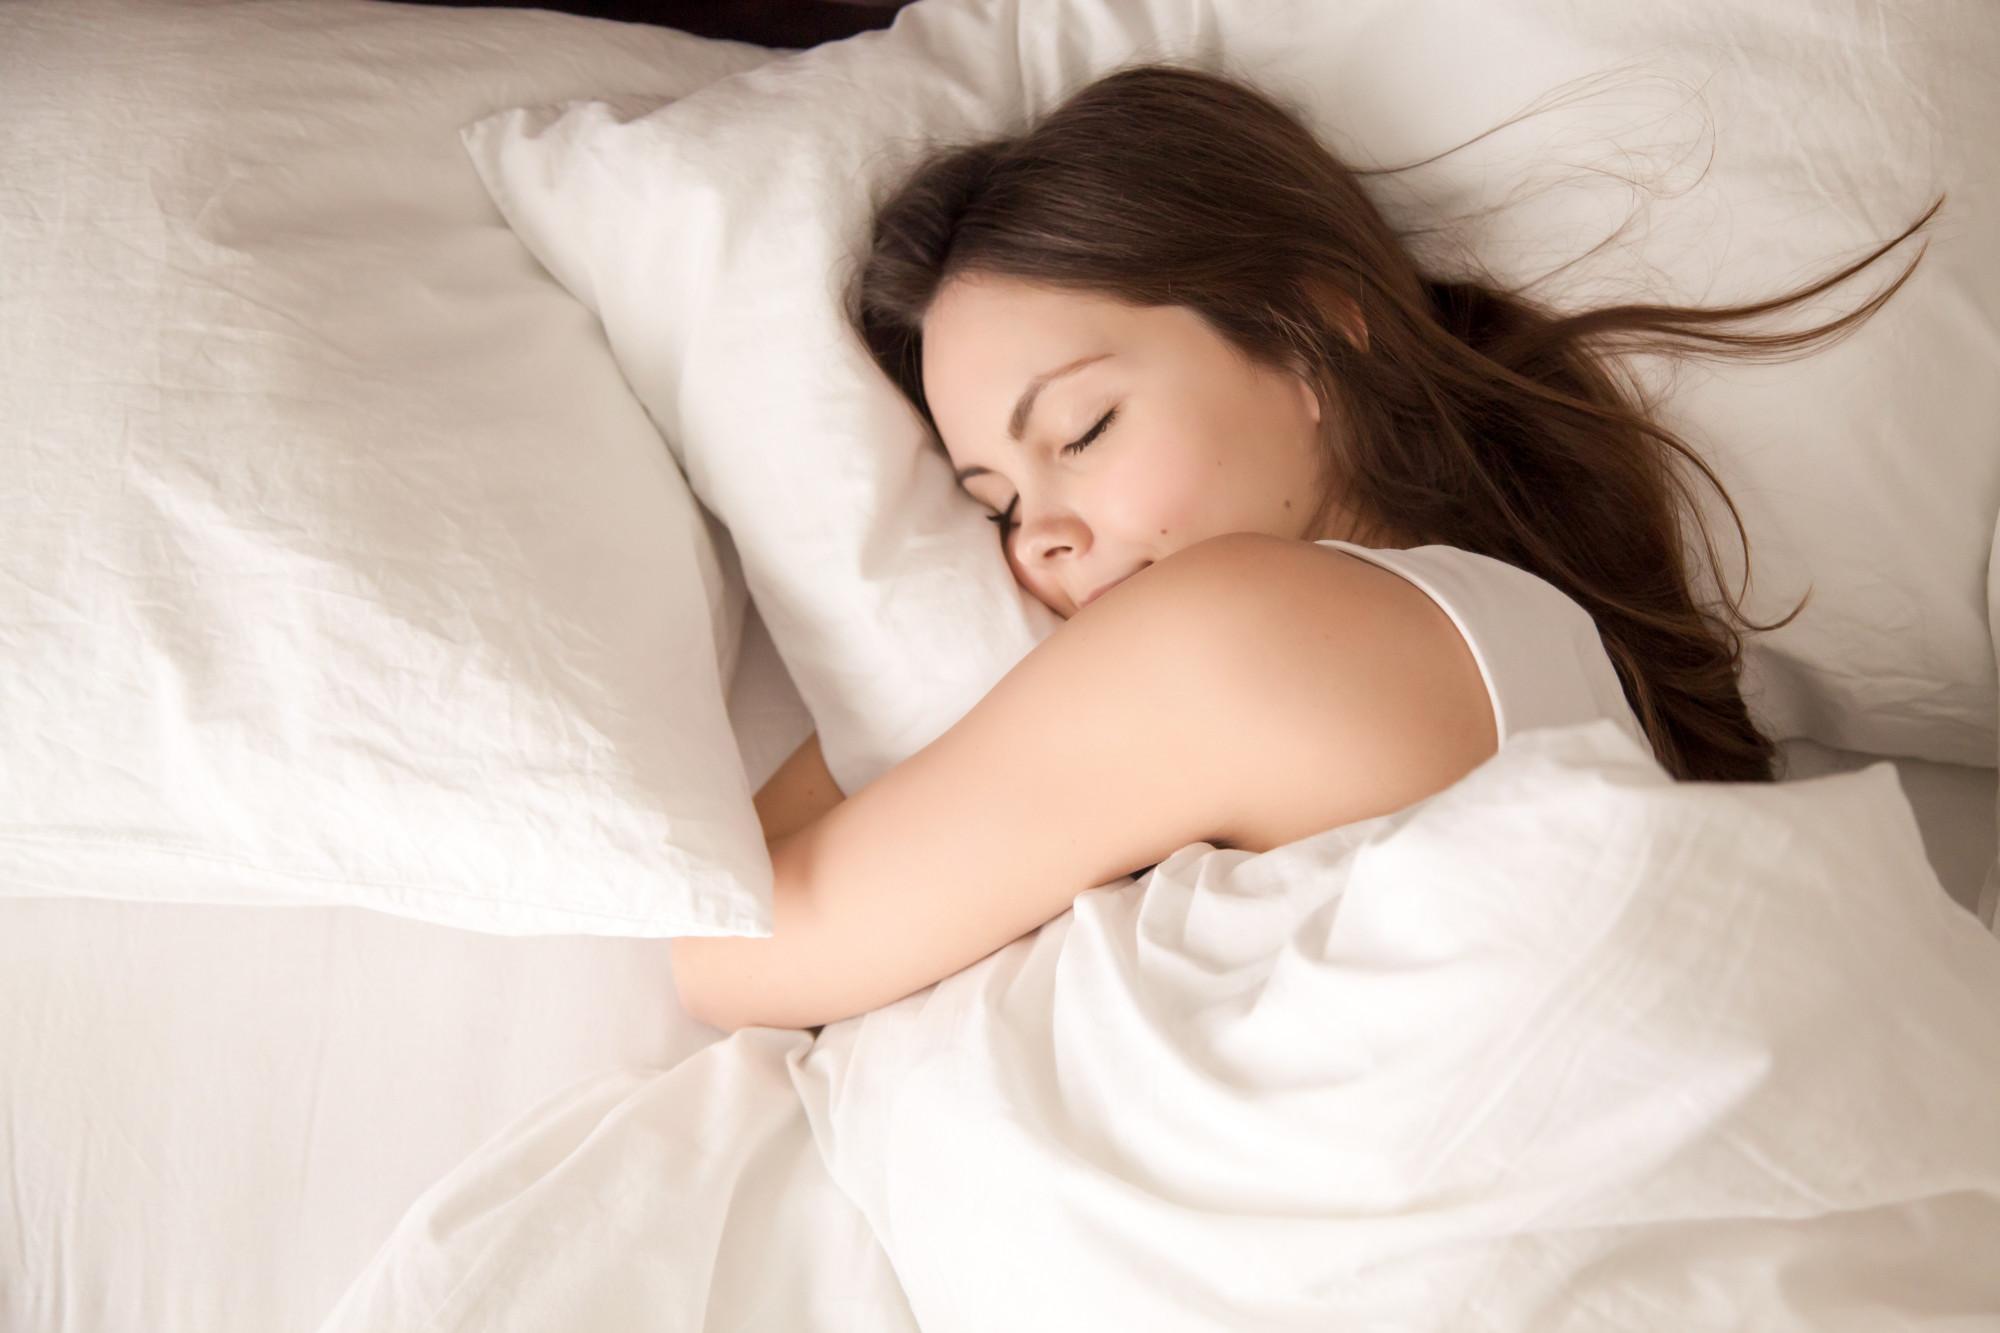 woman getting healthy sleep